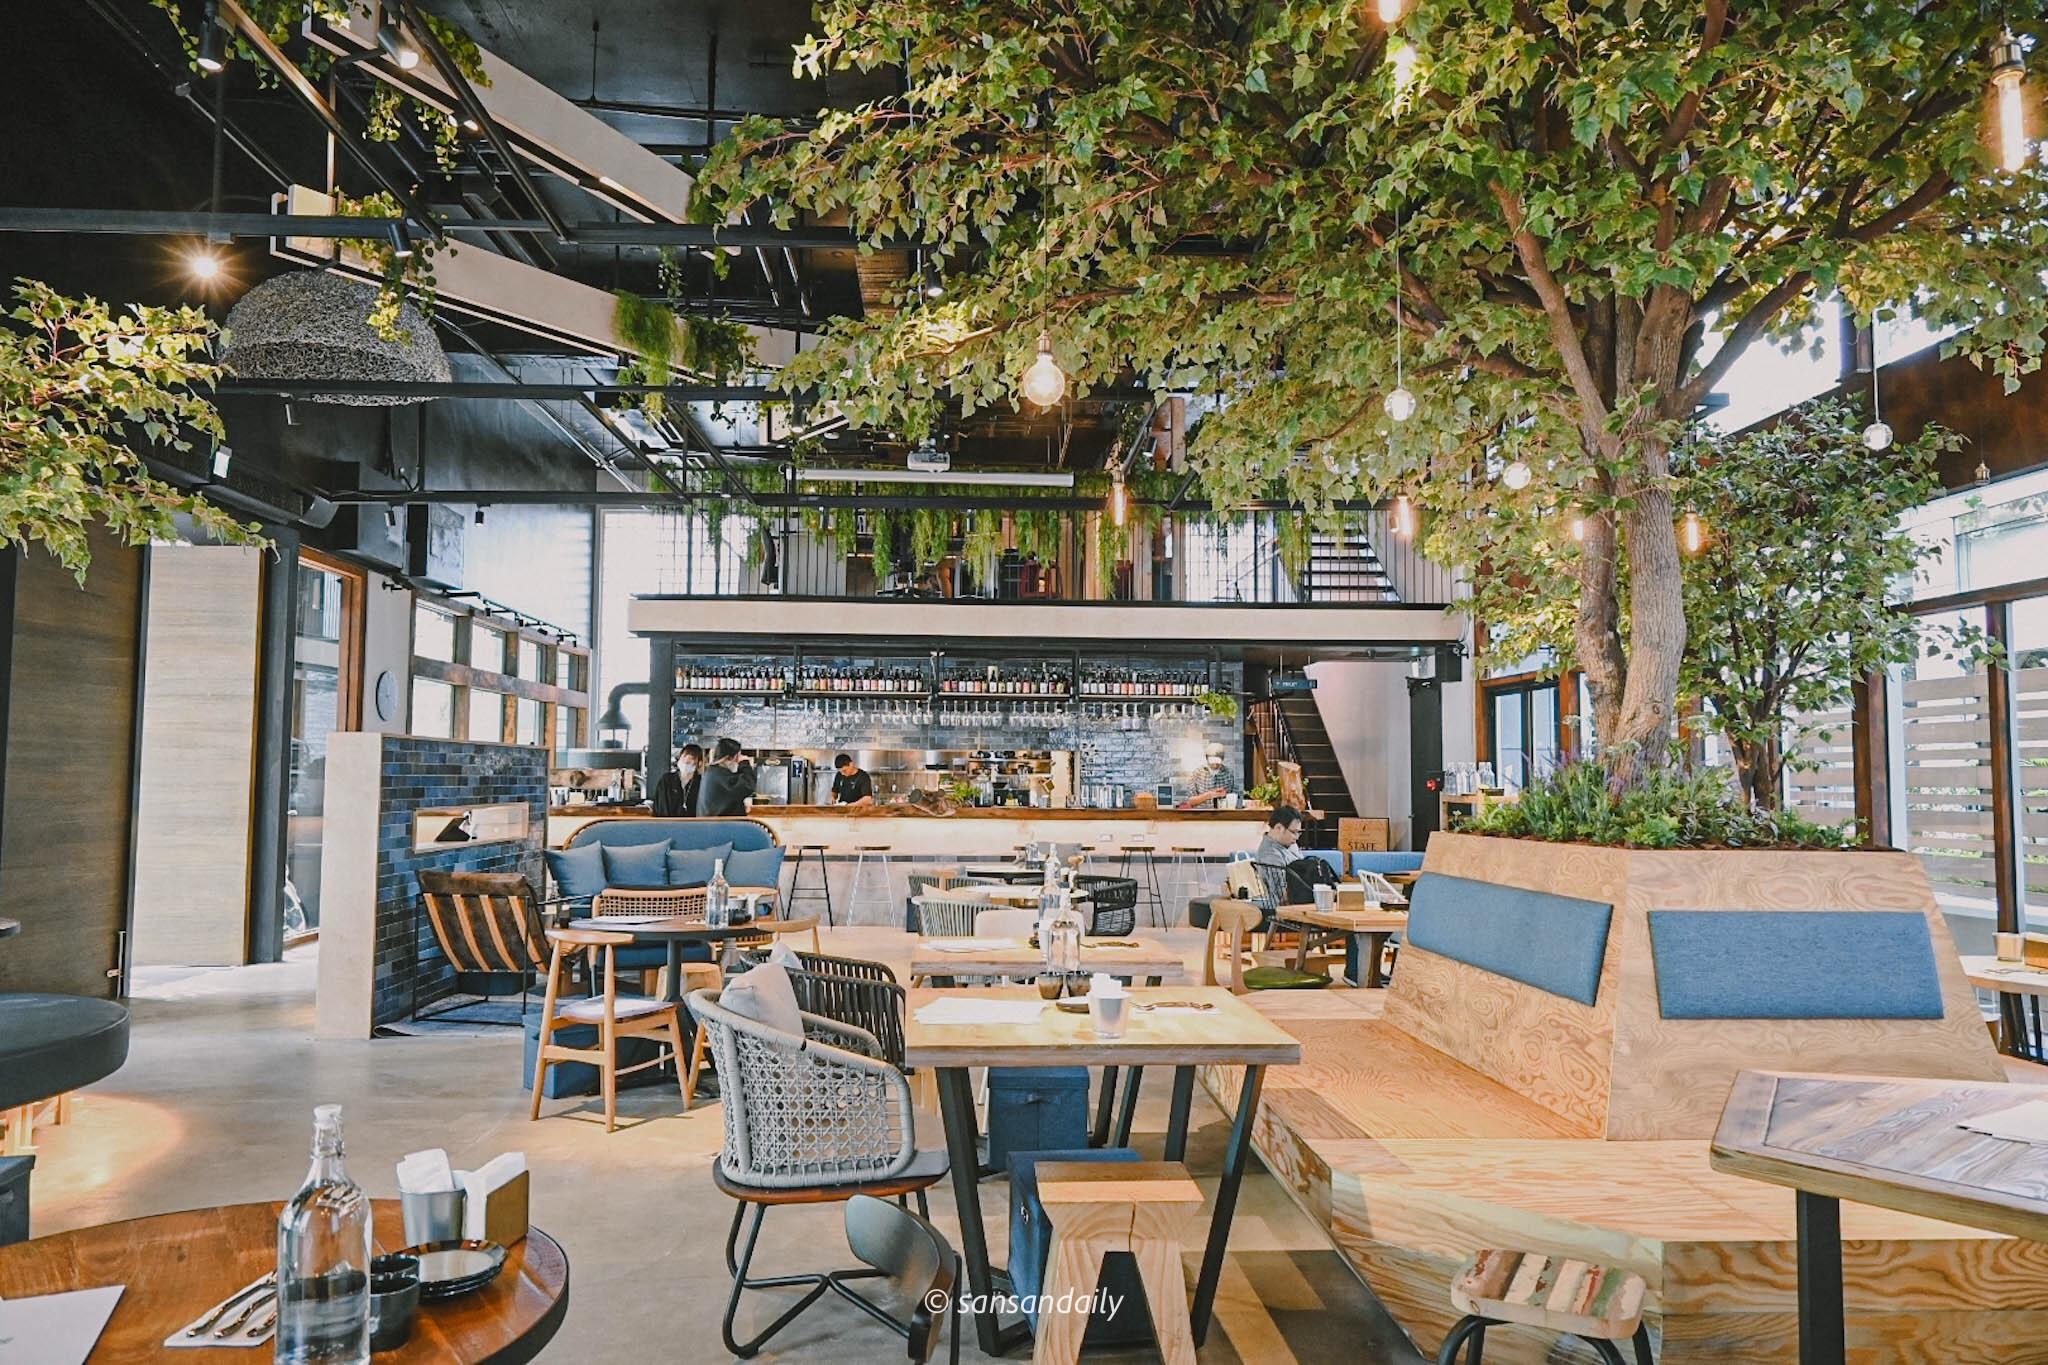 GUMGUM Beer & Wings雞翅酒吧內科店 餐廳內部面向吧台全景圖